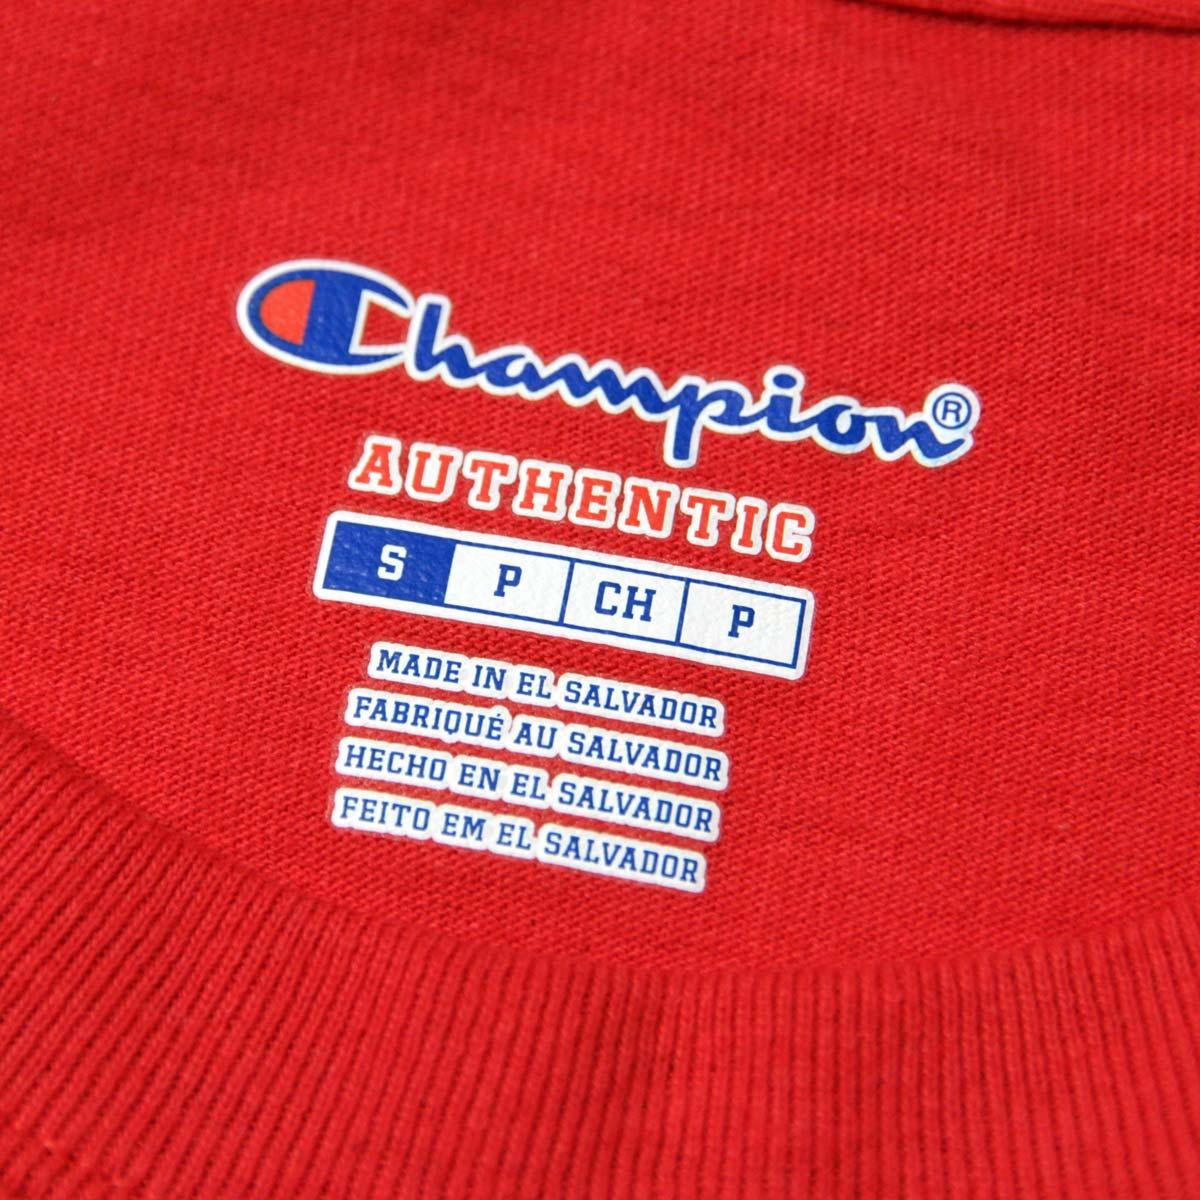 champion_1